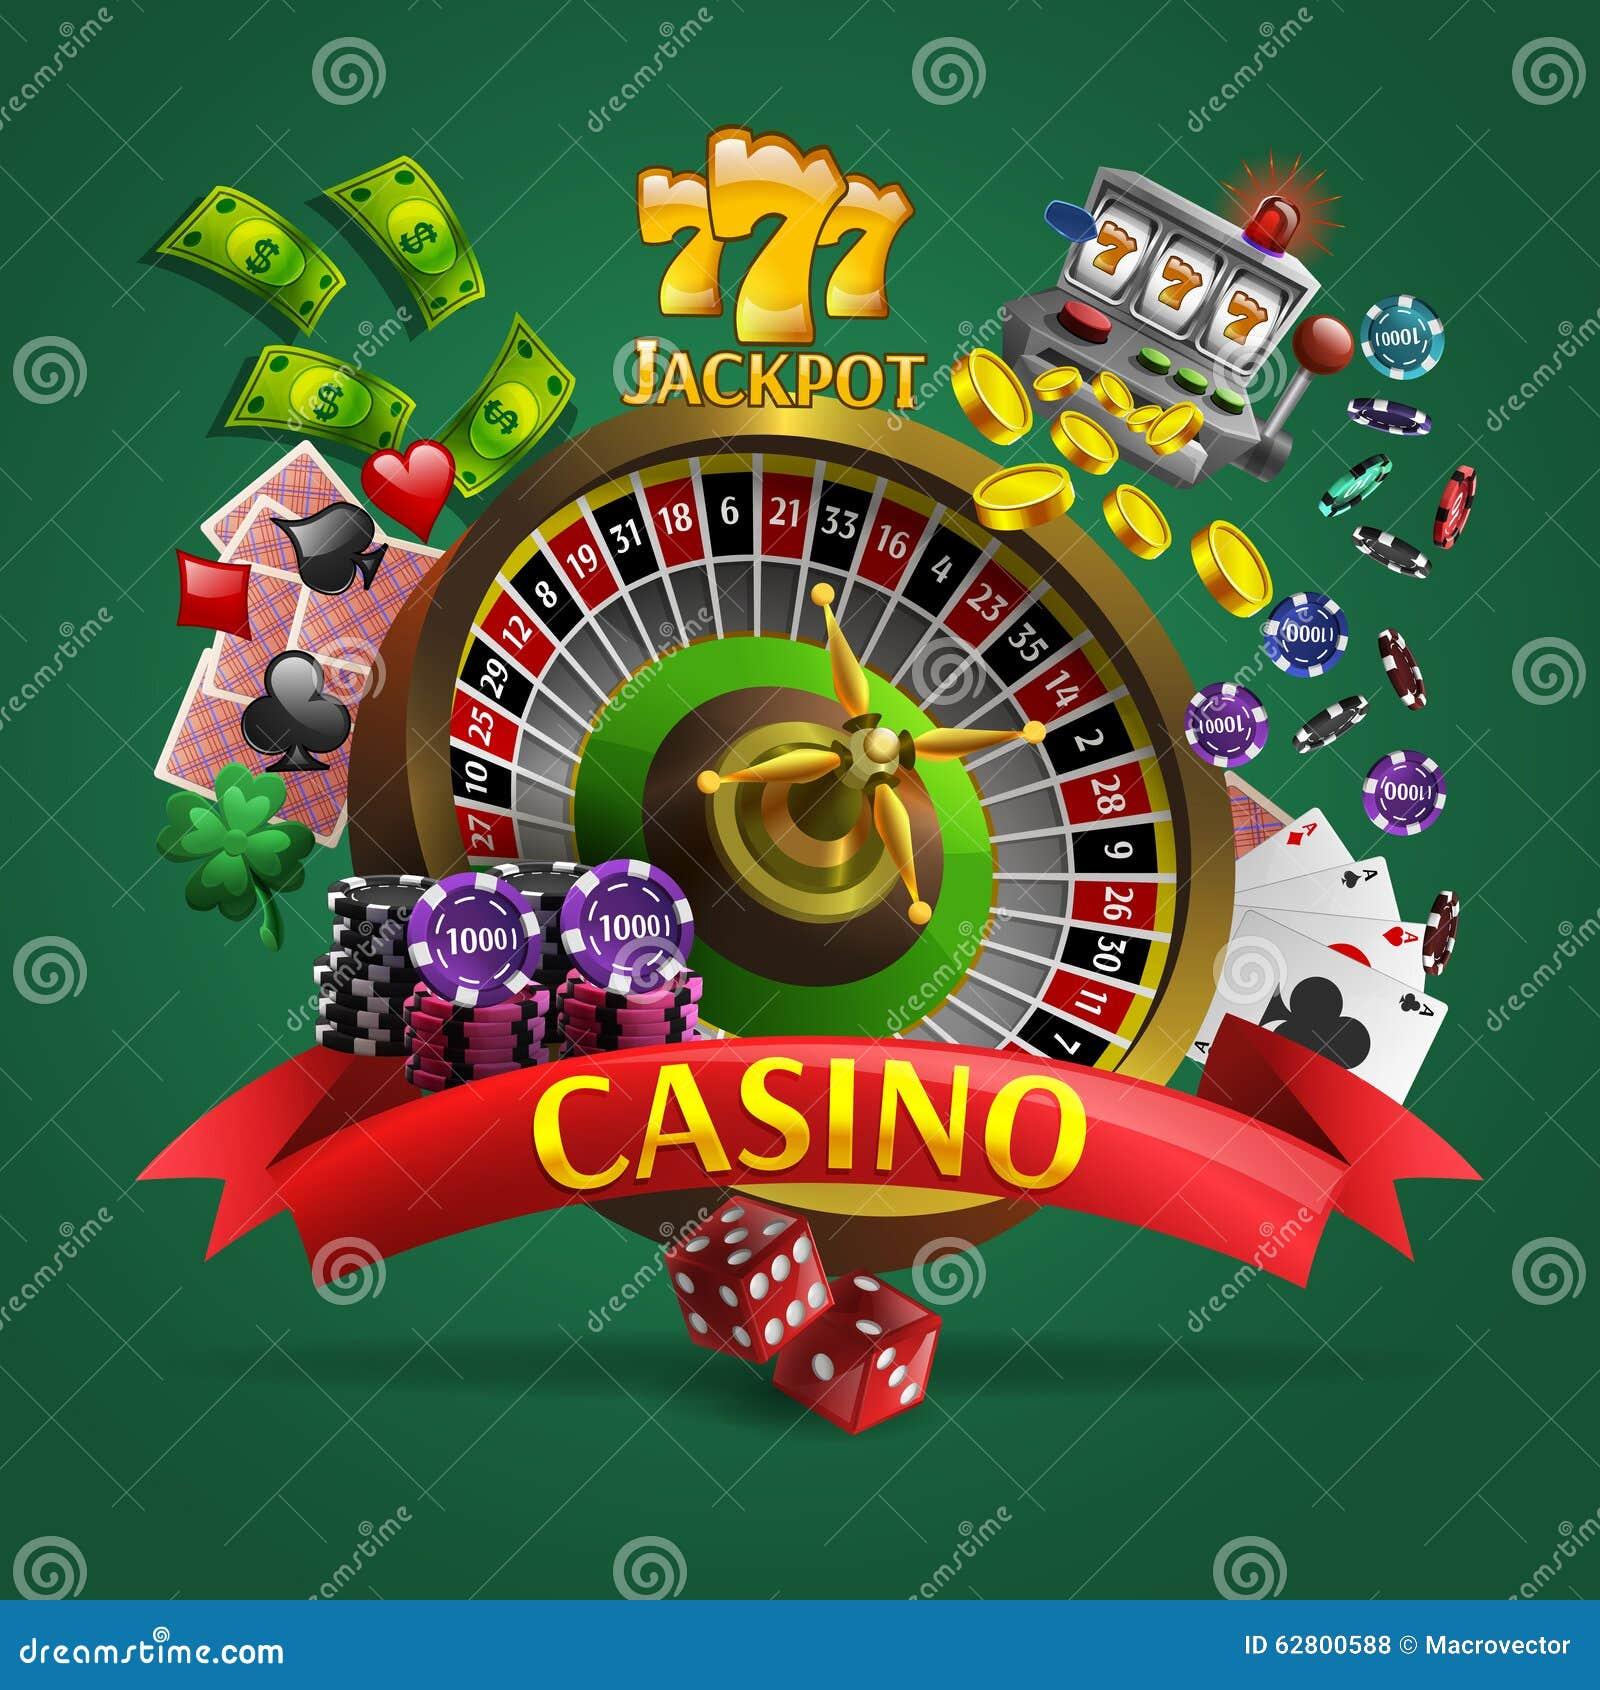 green casino